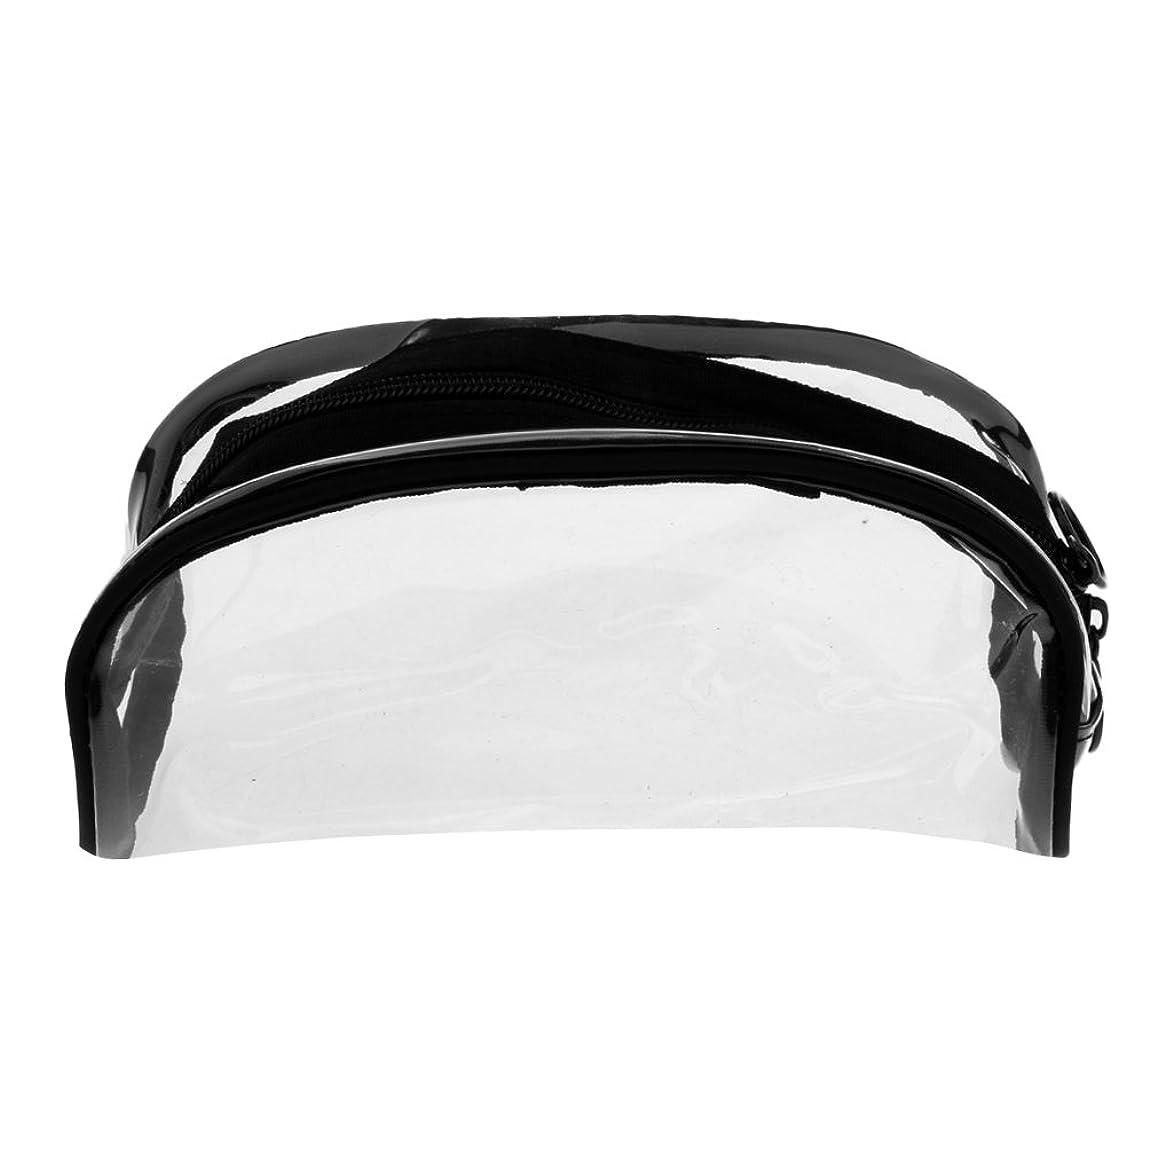 消去牛肉上向きSharplace メイクバッグ 化粧ポーチ PVC クリア ジッパーバッグ メイクポーチ 透明 全4タイプ - #2